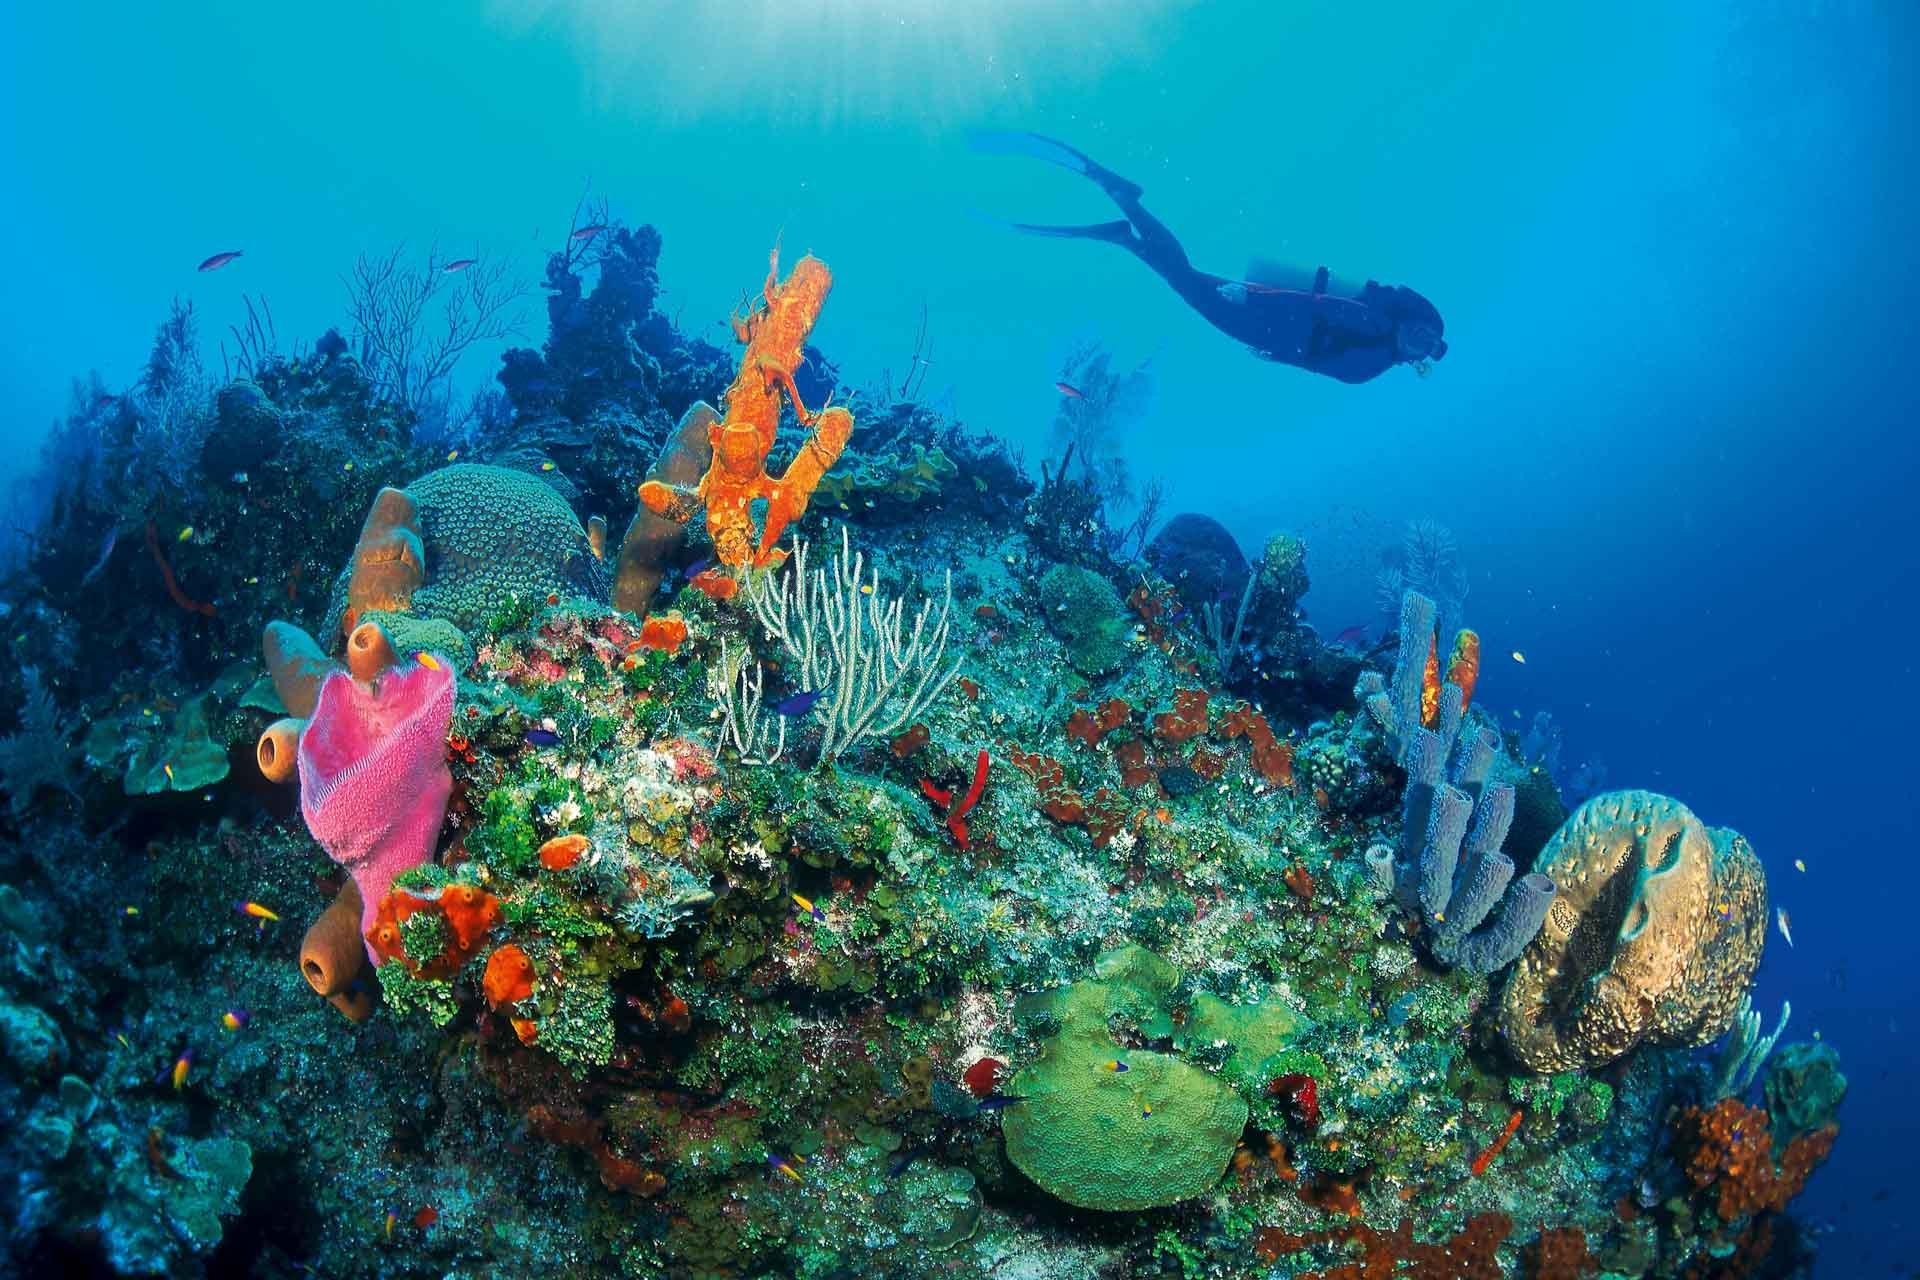 Une plongée dans les récifs caribéens est l'occasion de découvrir des fonds préservés © DR